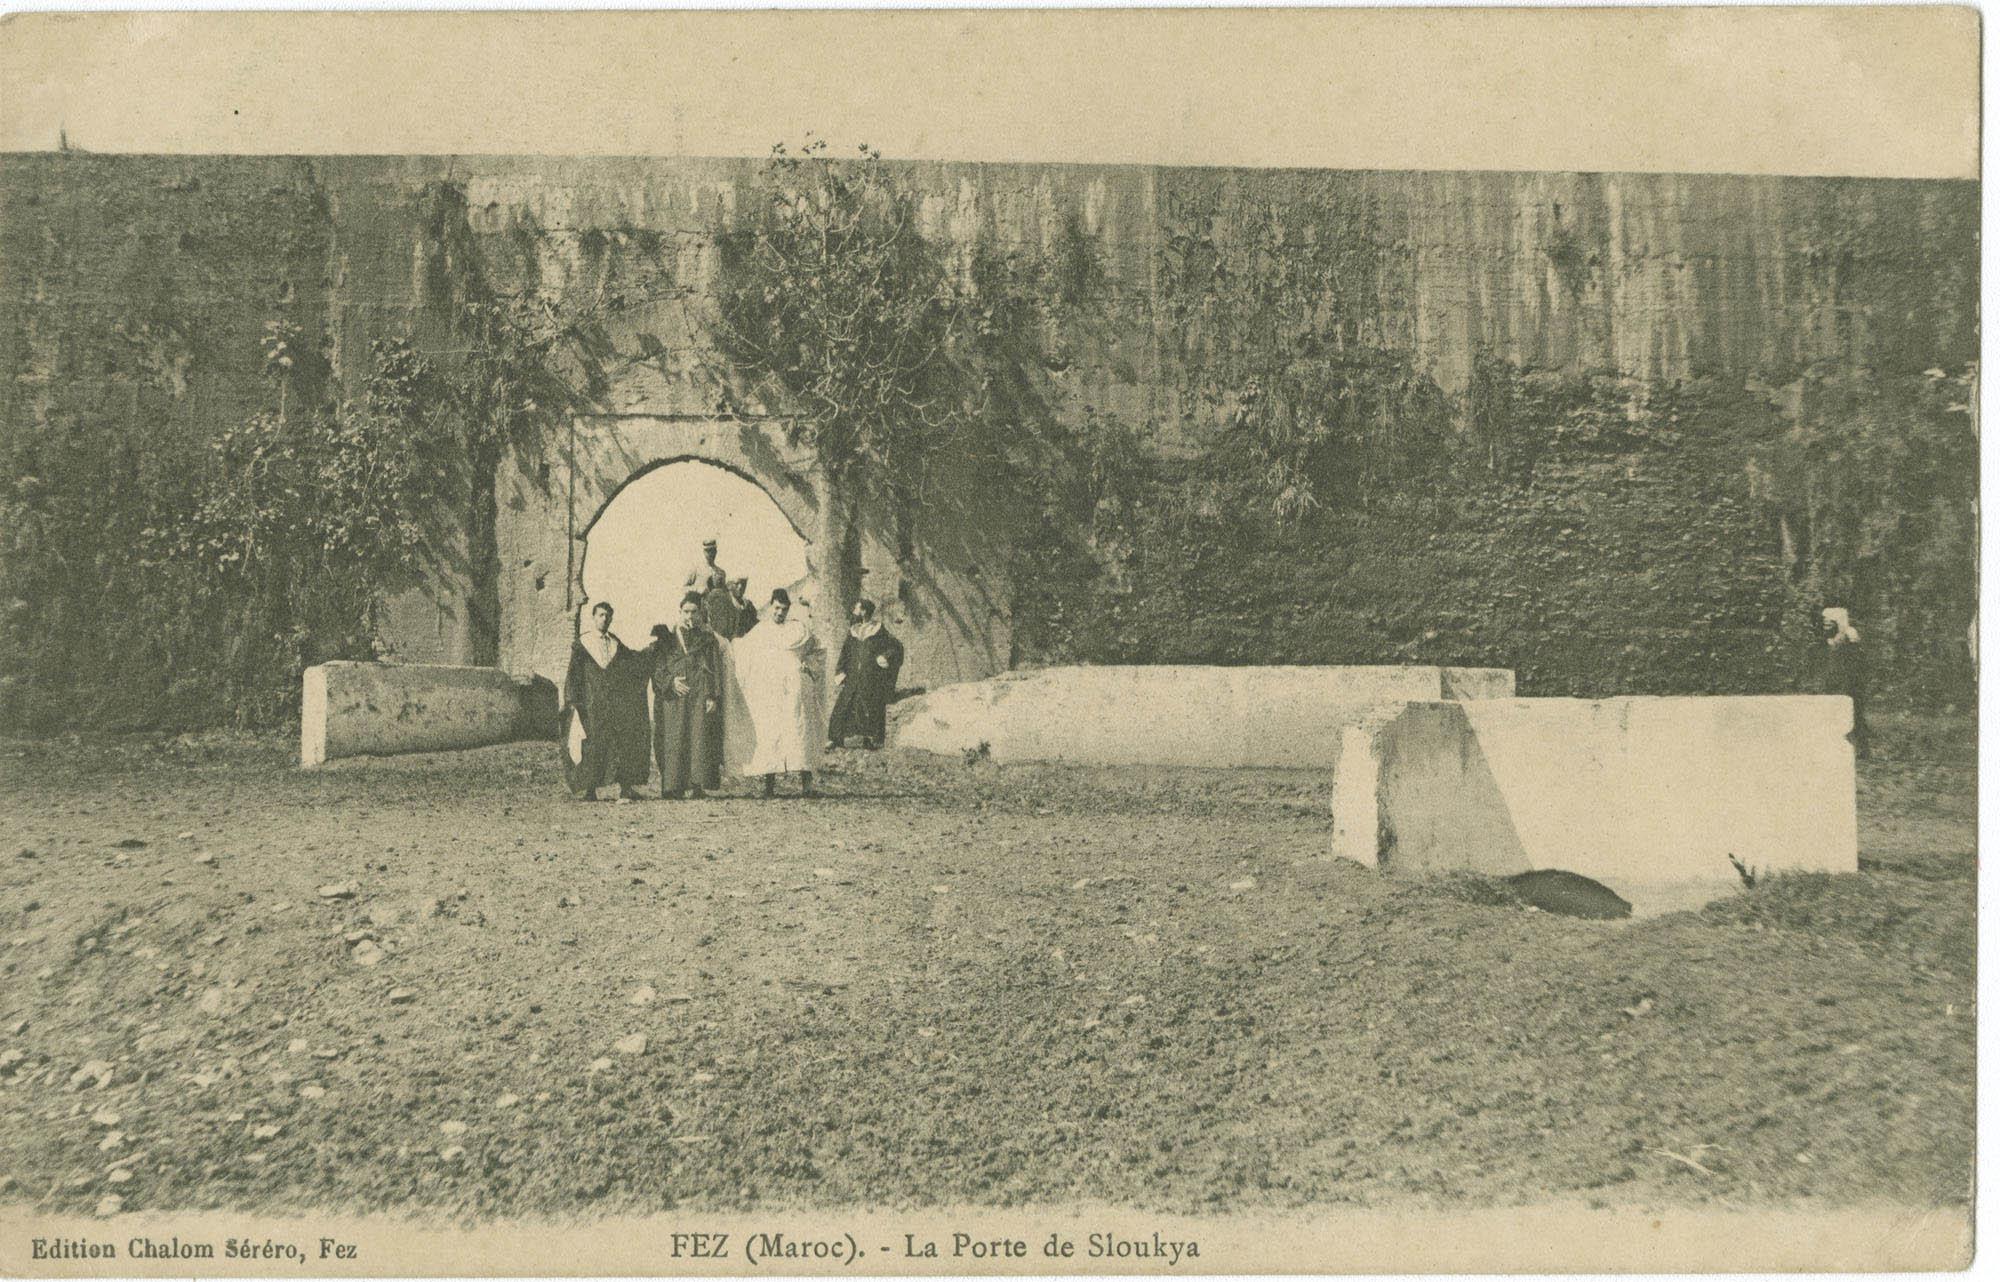 FEZ (Maroc). - La Porte de Sloukya.